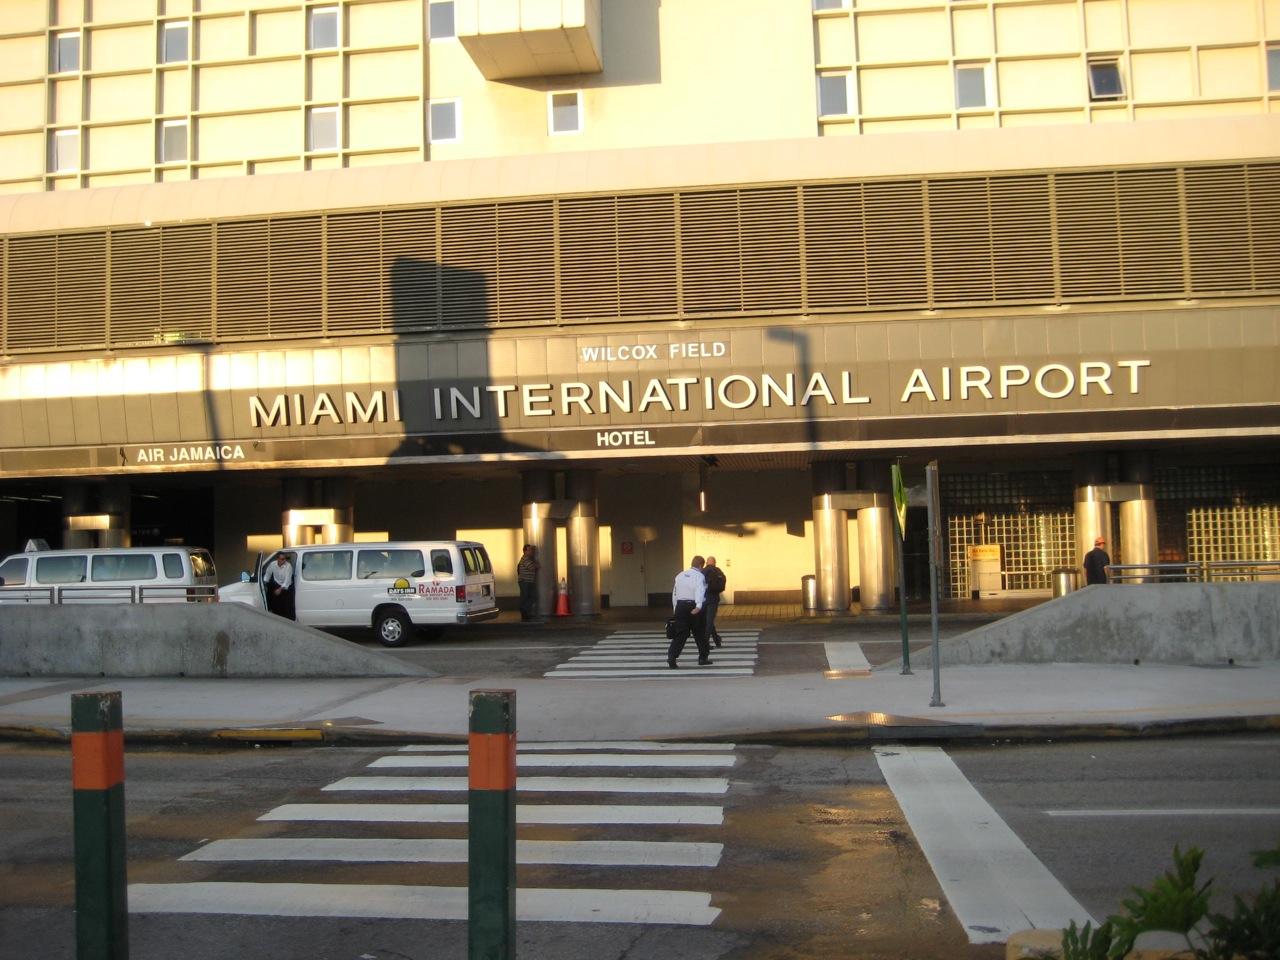 miamiinternationalairportfront